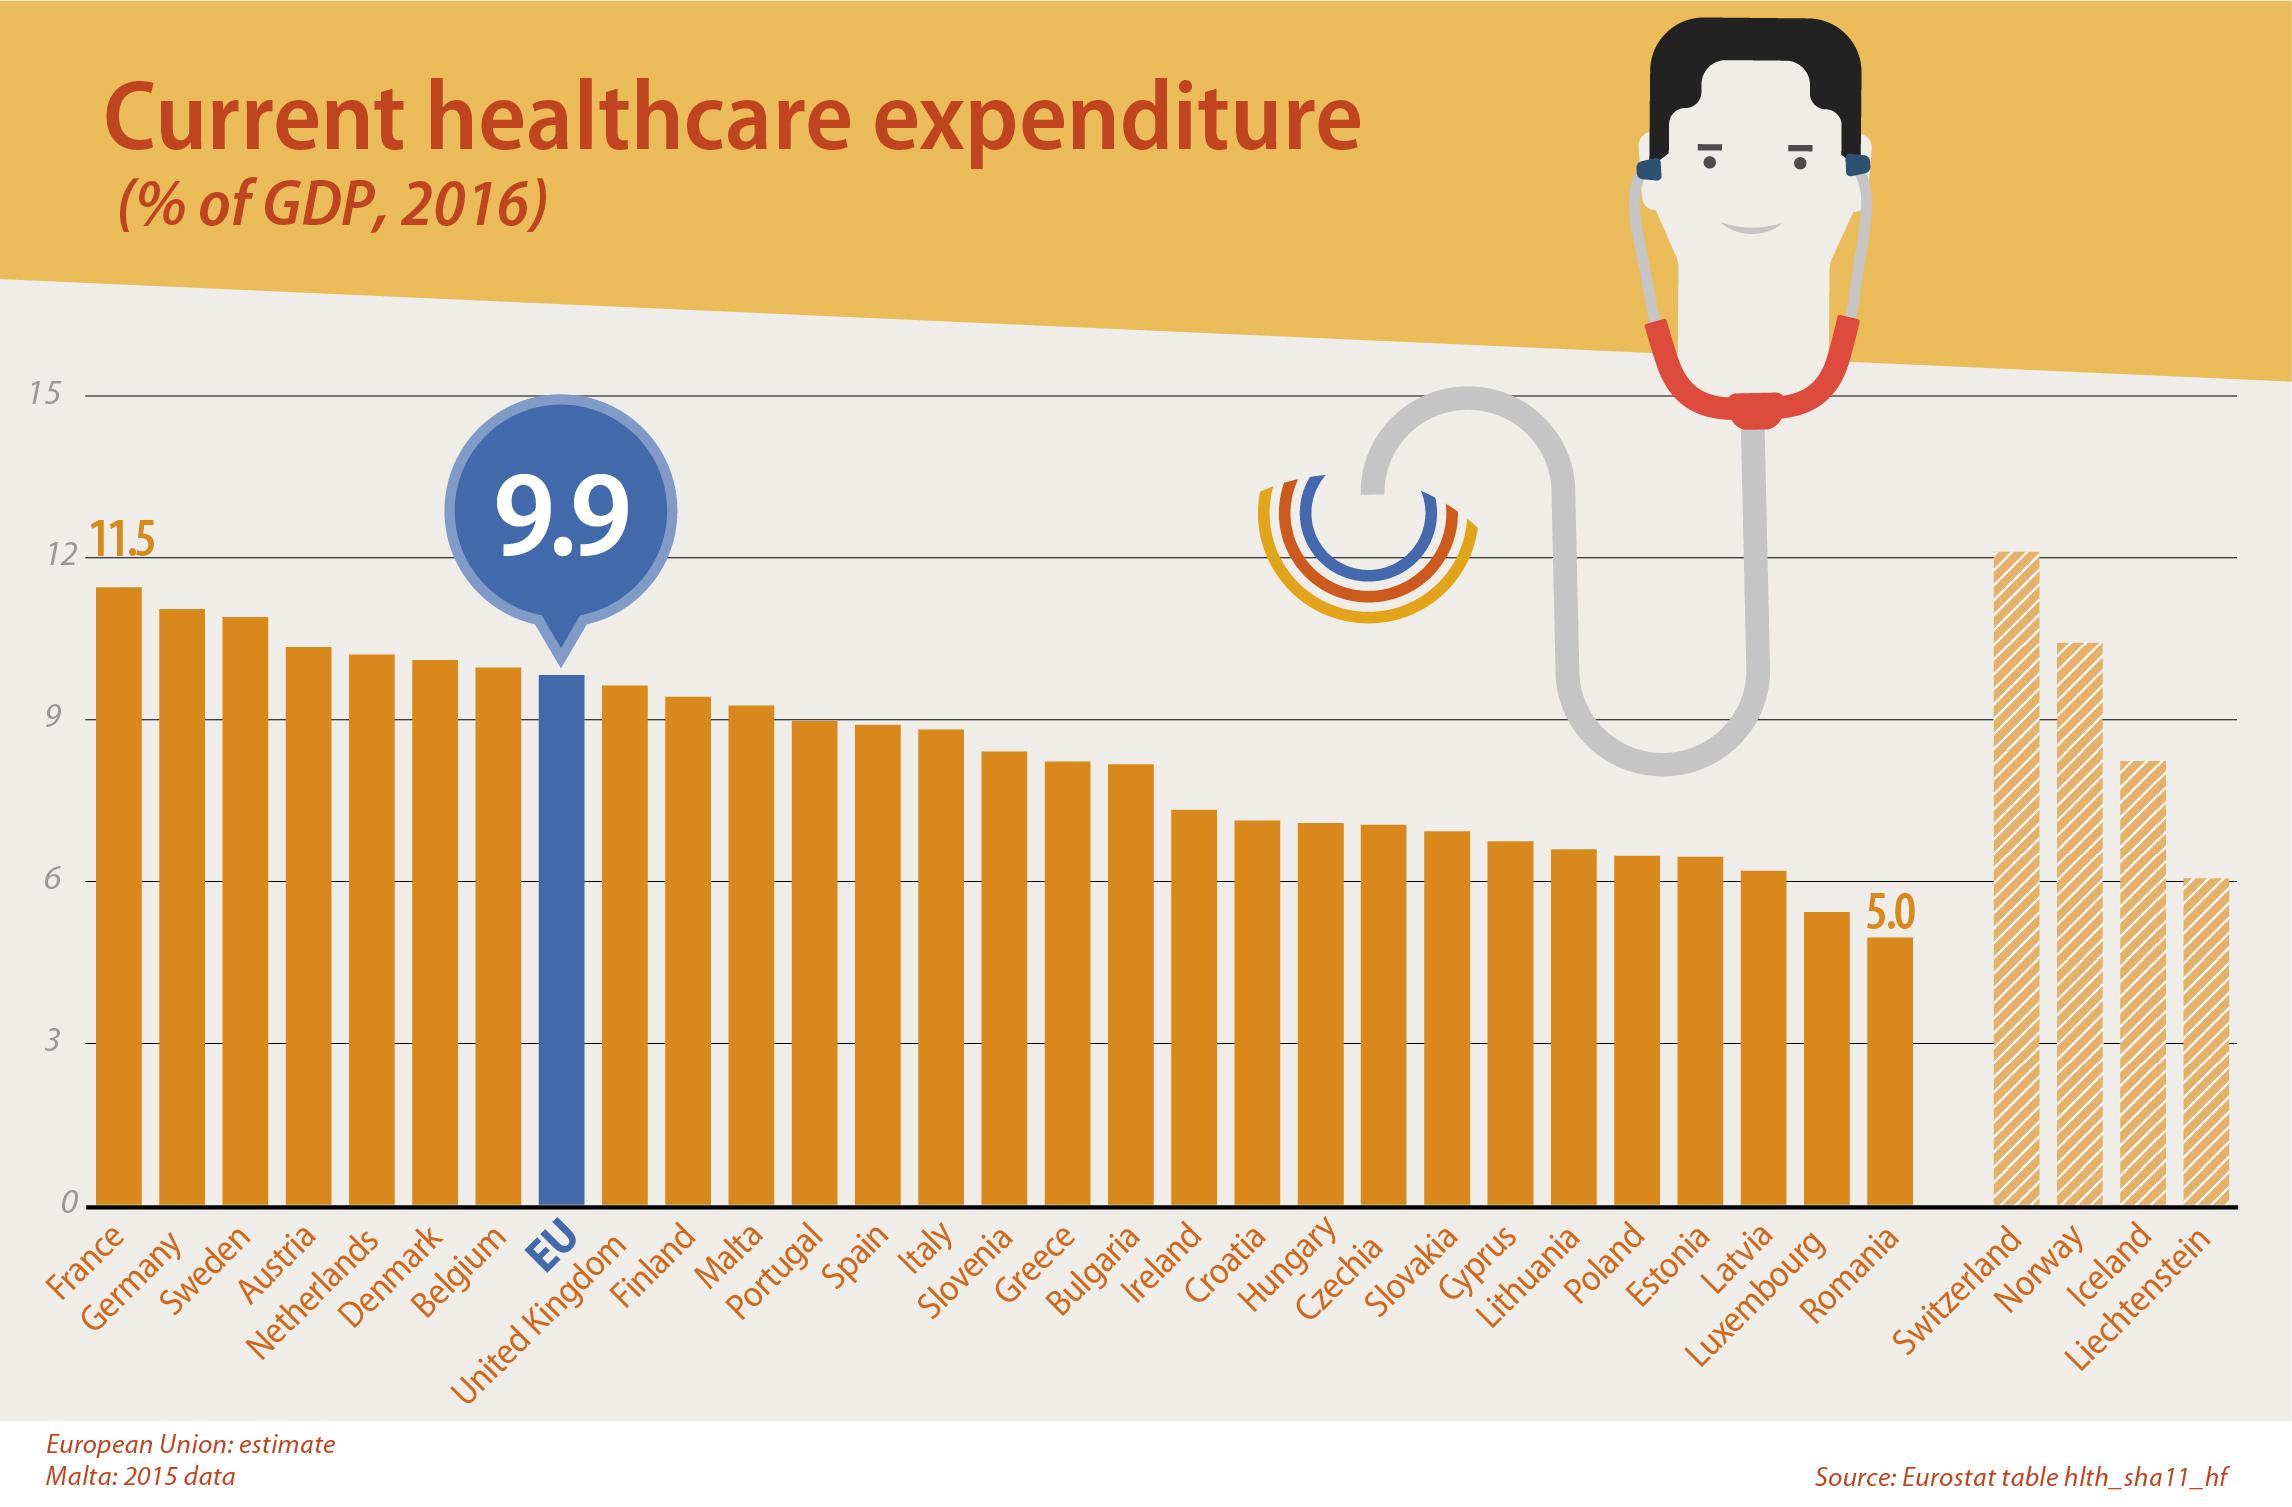 România este codaşa UE la procentul din PIB alocat sănătăţii